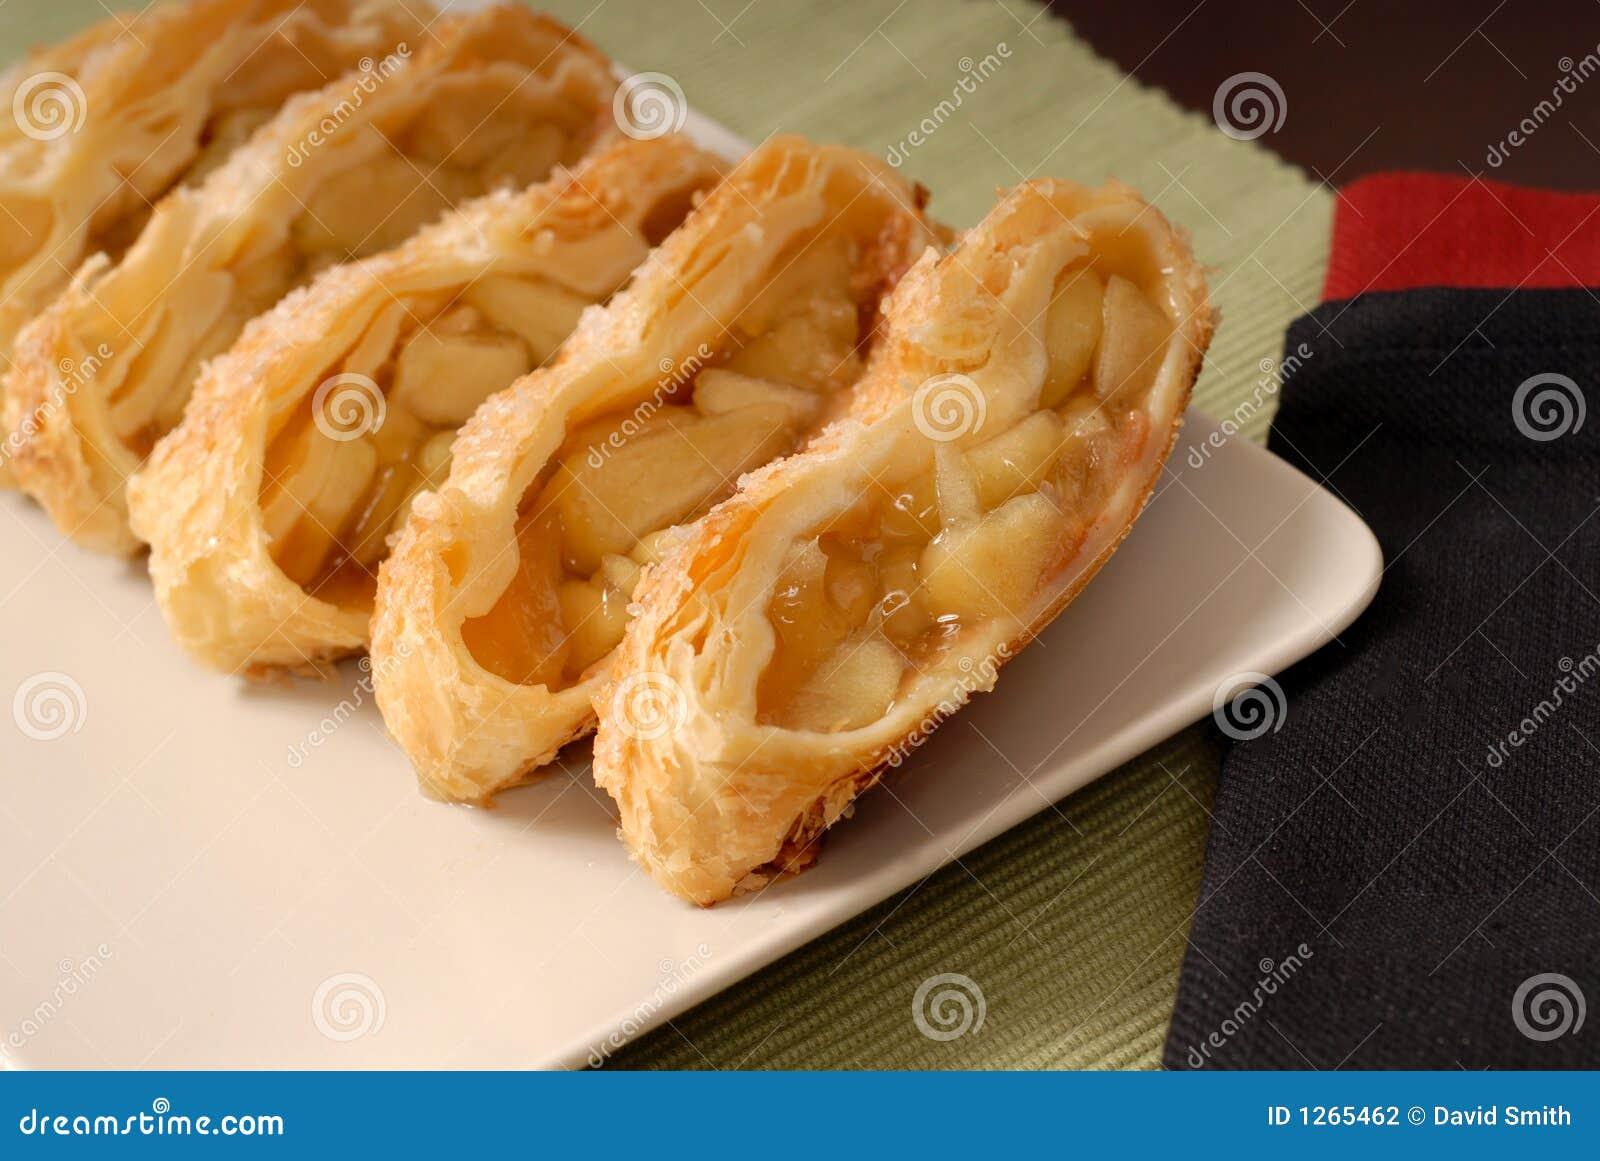 Sliced apple strudel